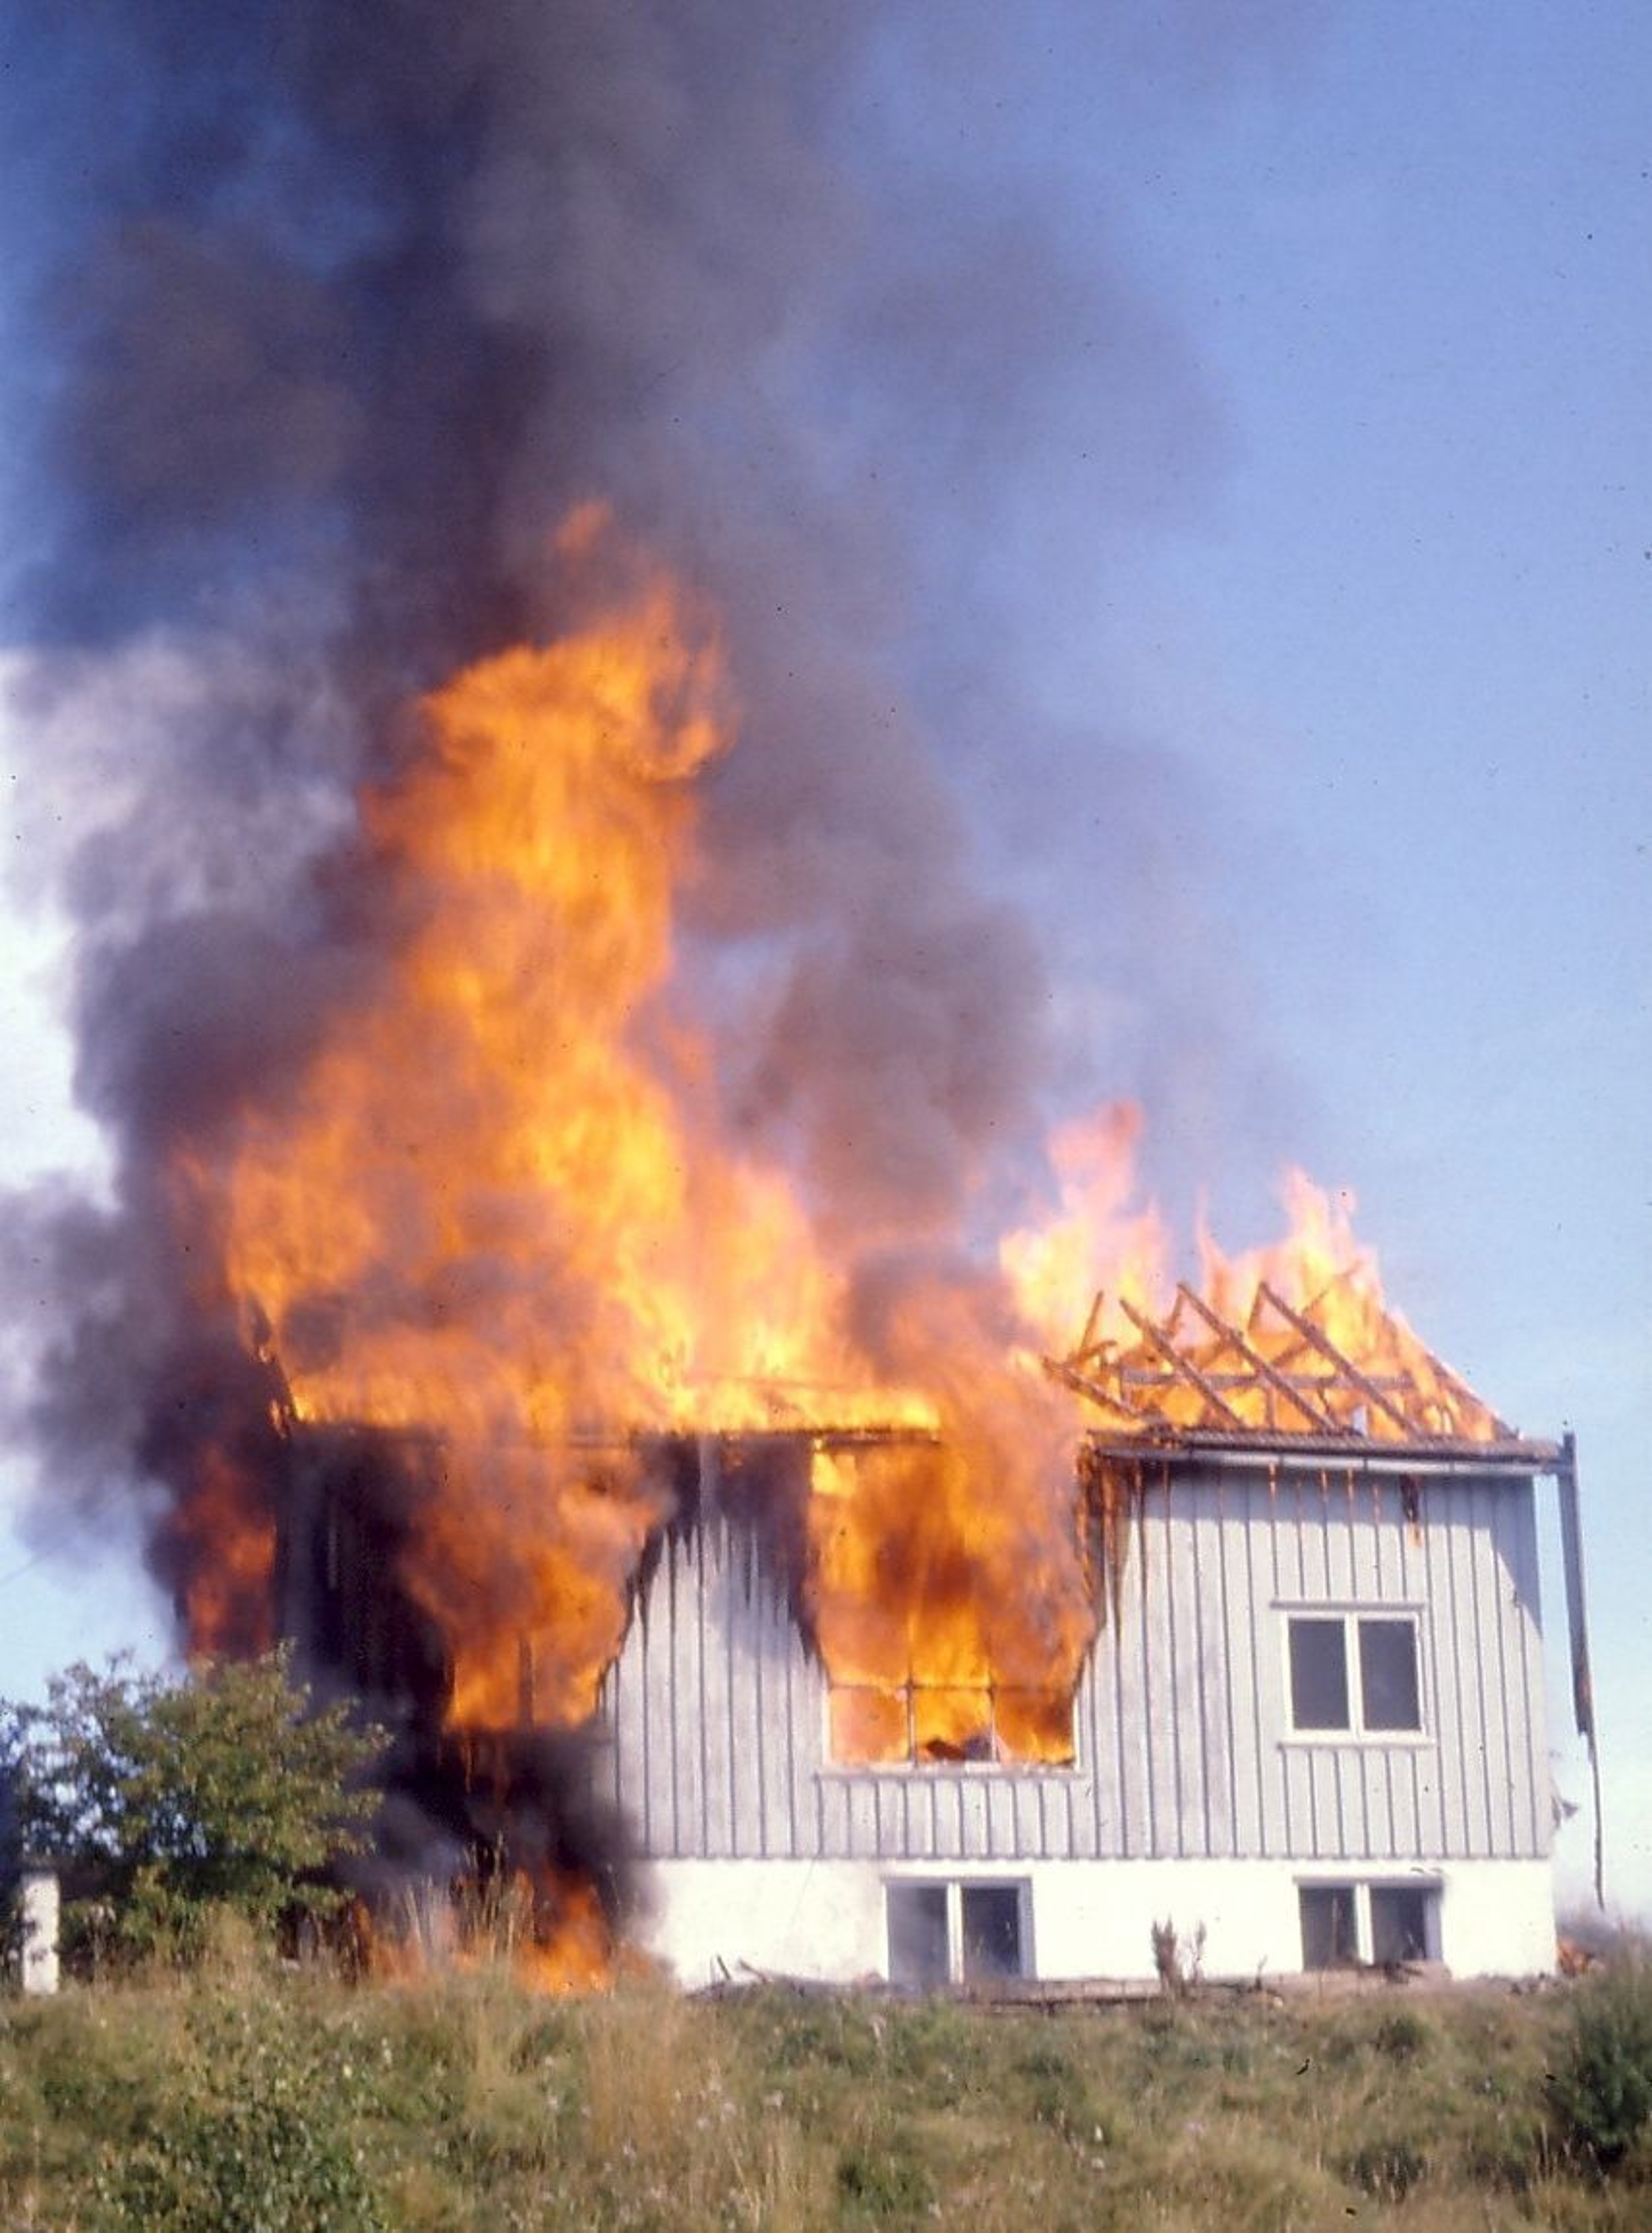 SLURV:Norske byggeiere opptrer ansvarsløst i forhold til regelverket, sier adm. direktør i Brannvernforeningen. Regelverket i Norge er like godt som ellers i Norden. FOTO:BRANNVERNFORENINGEN